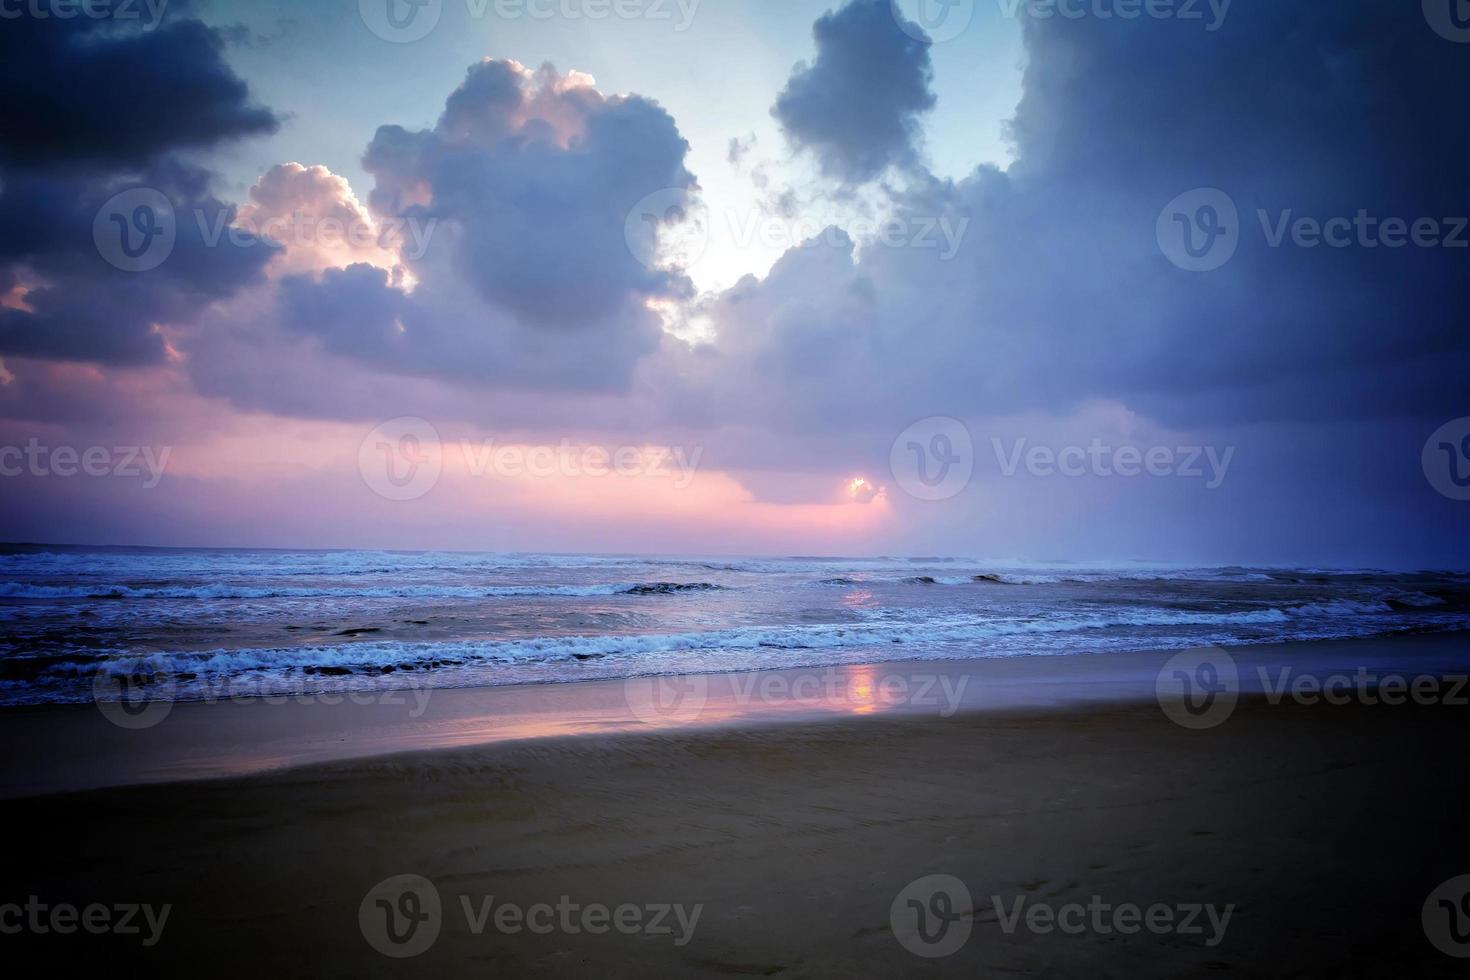 moln solnedgång himmel bakgrund foto